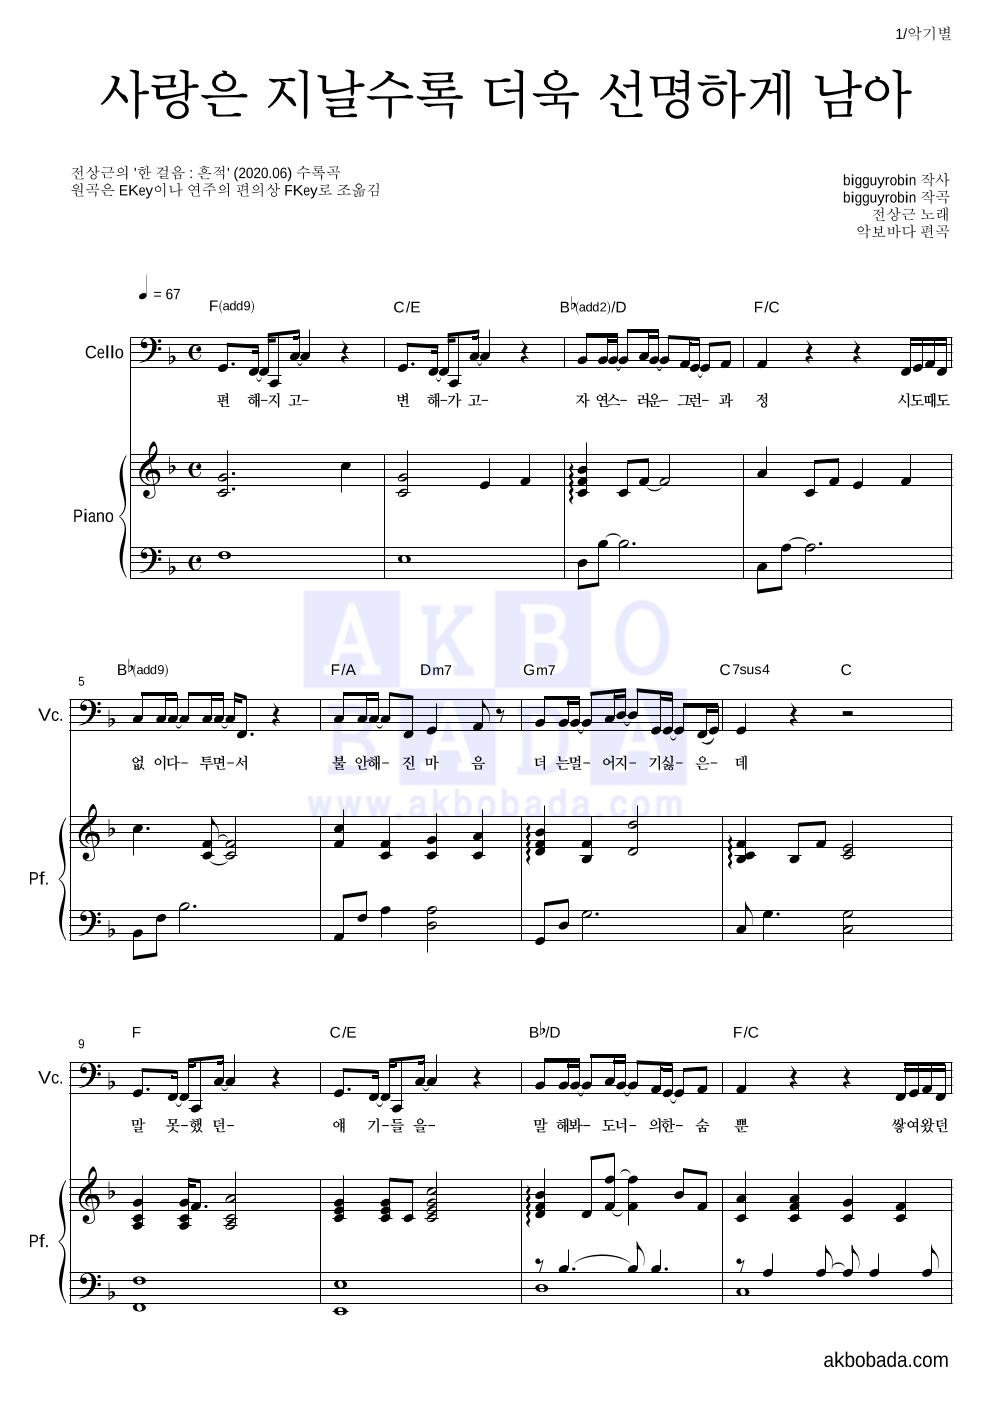 전상근 - 사랑은 지날수록 더욱 선명하게 남아 첼로&피아노 악보